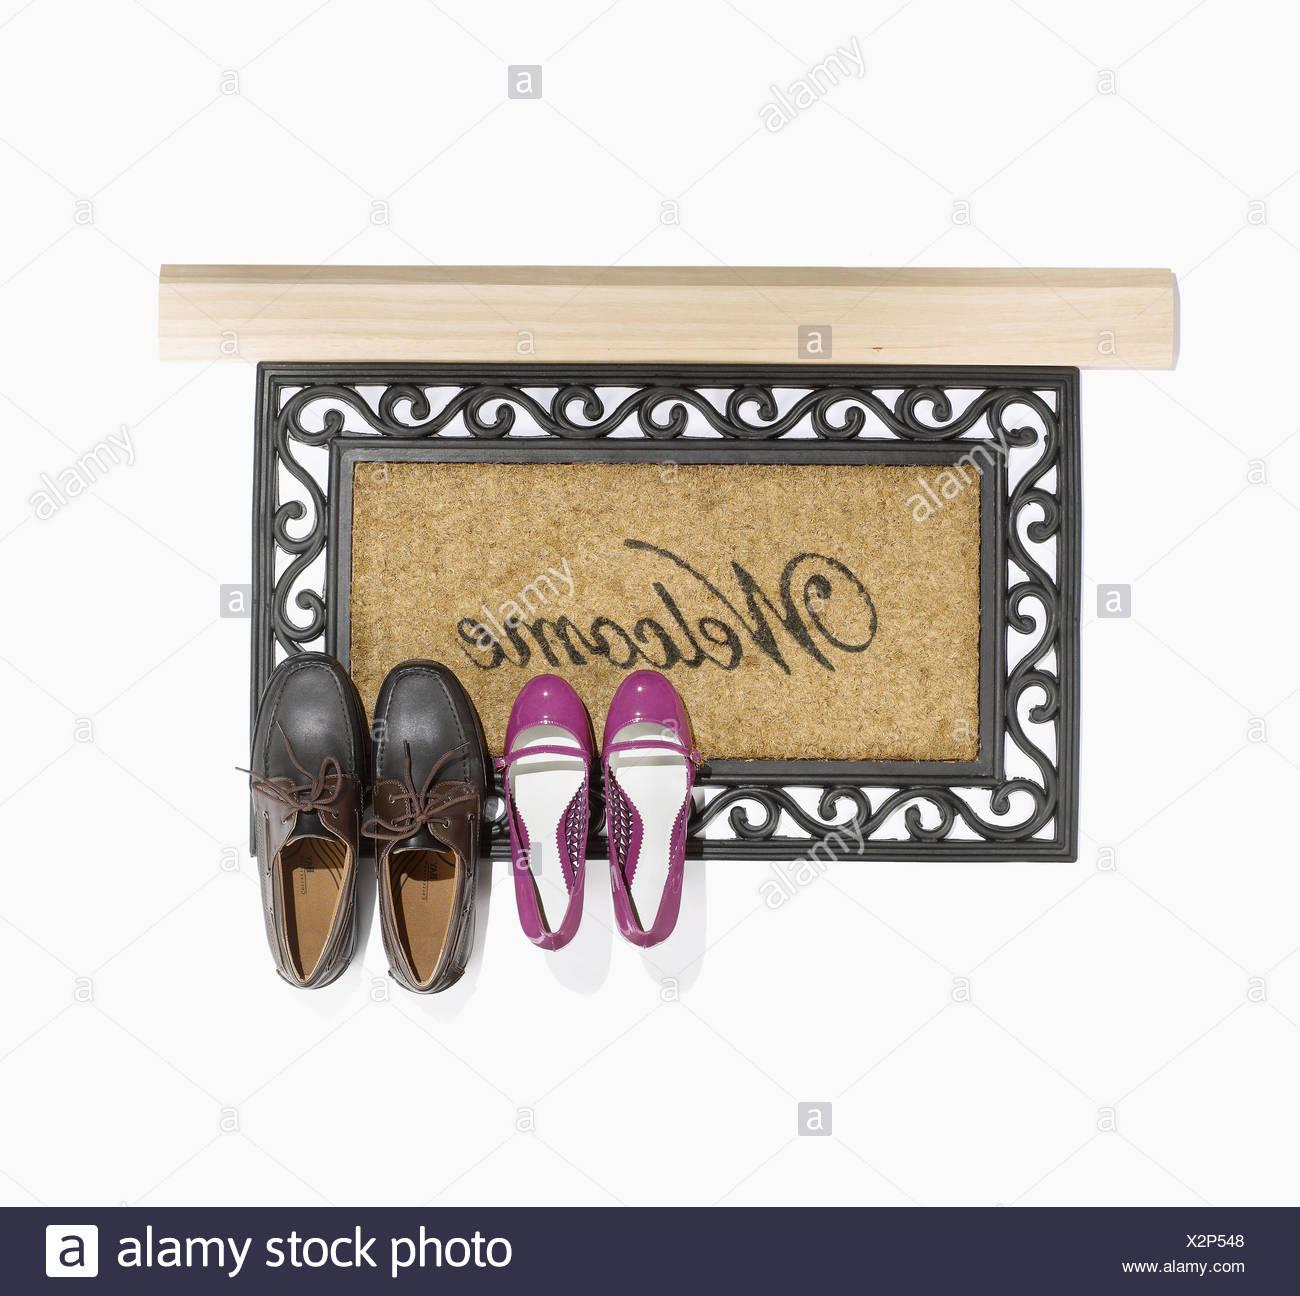 Tapis d'accueil avec deux paires de chaussures. Photo Stock